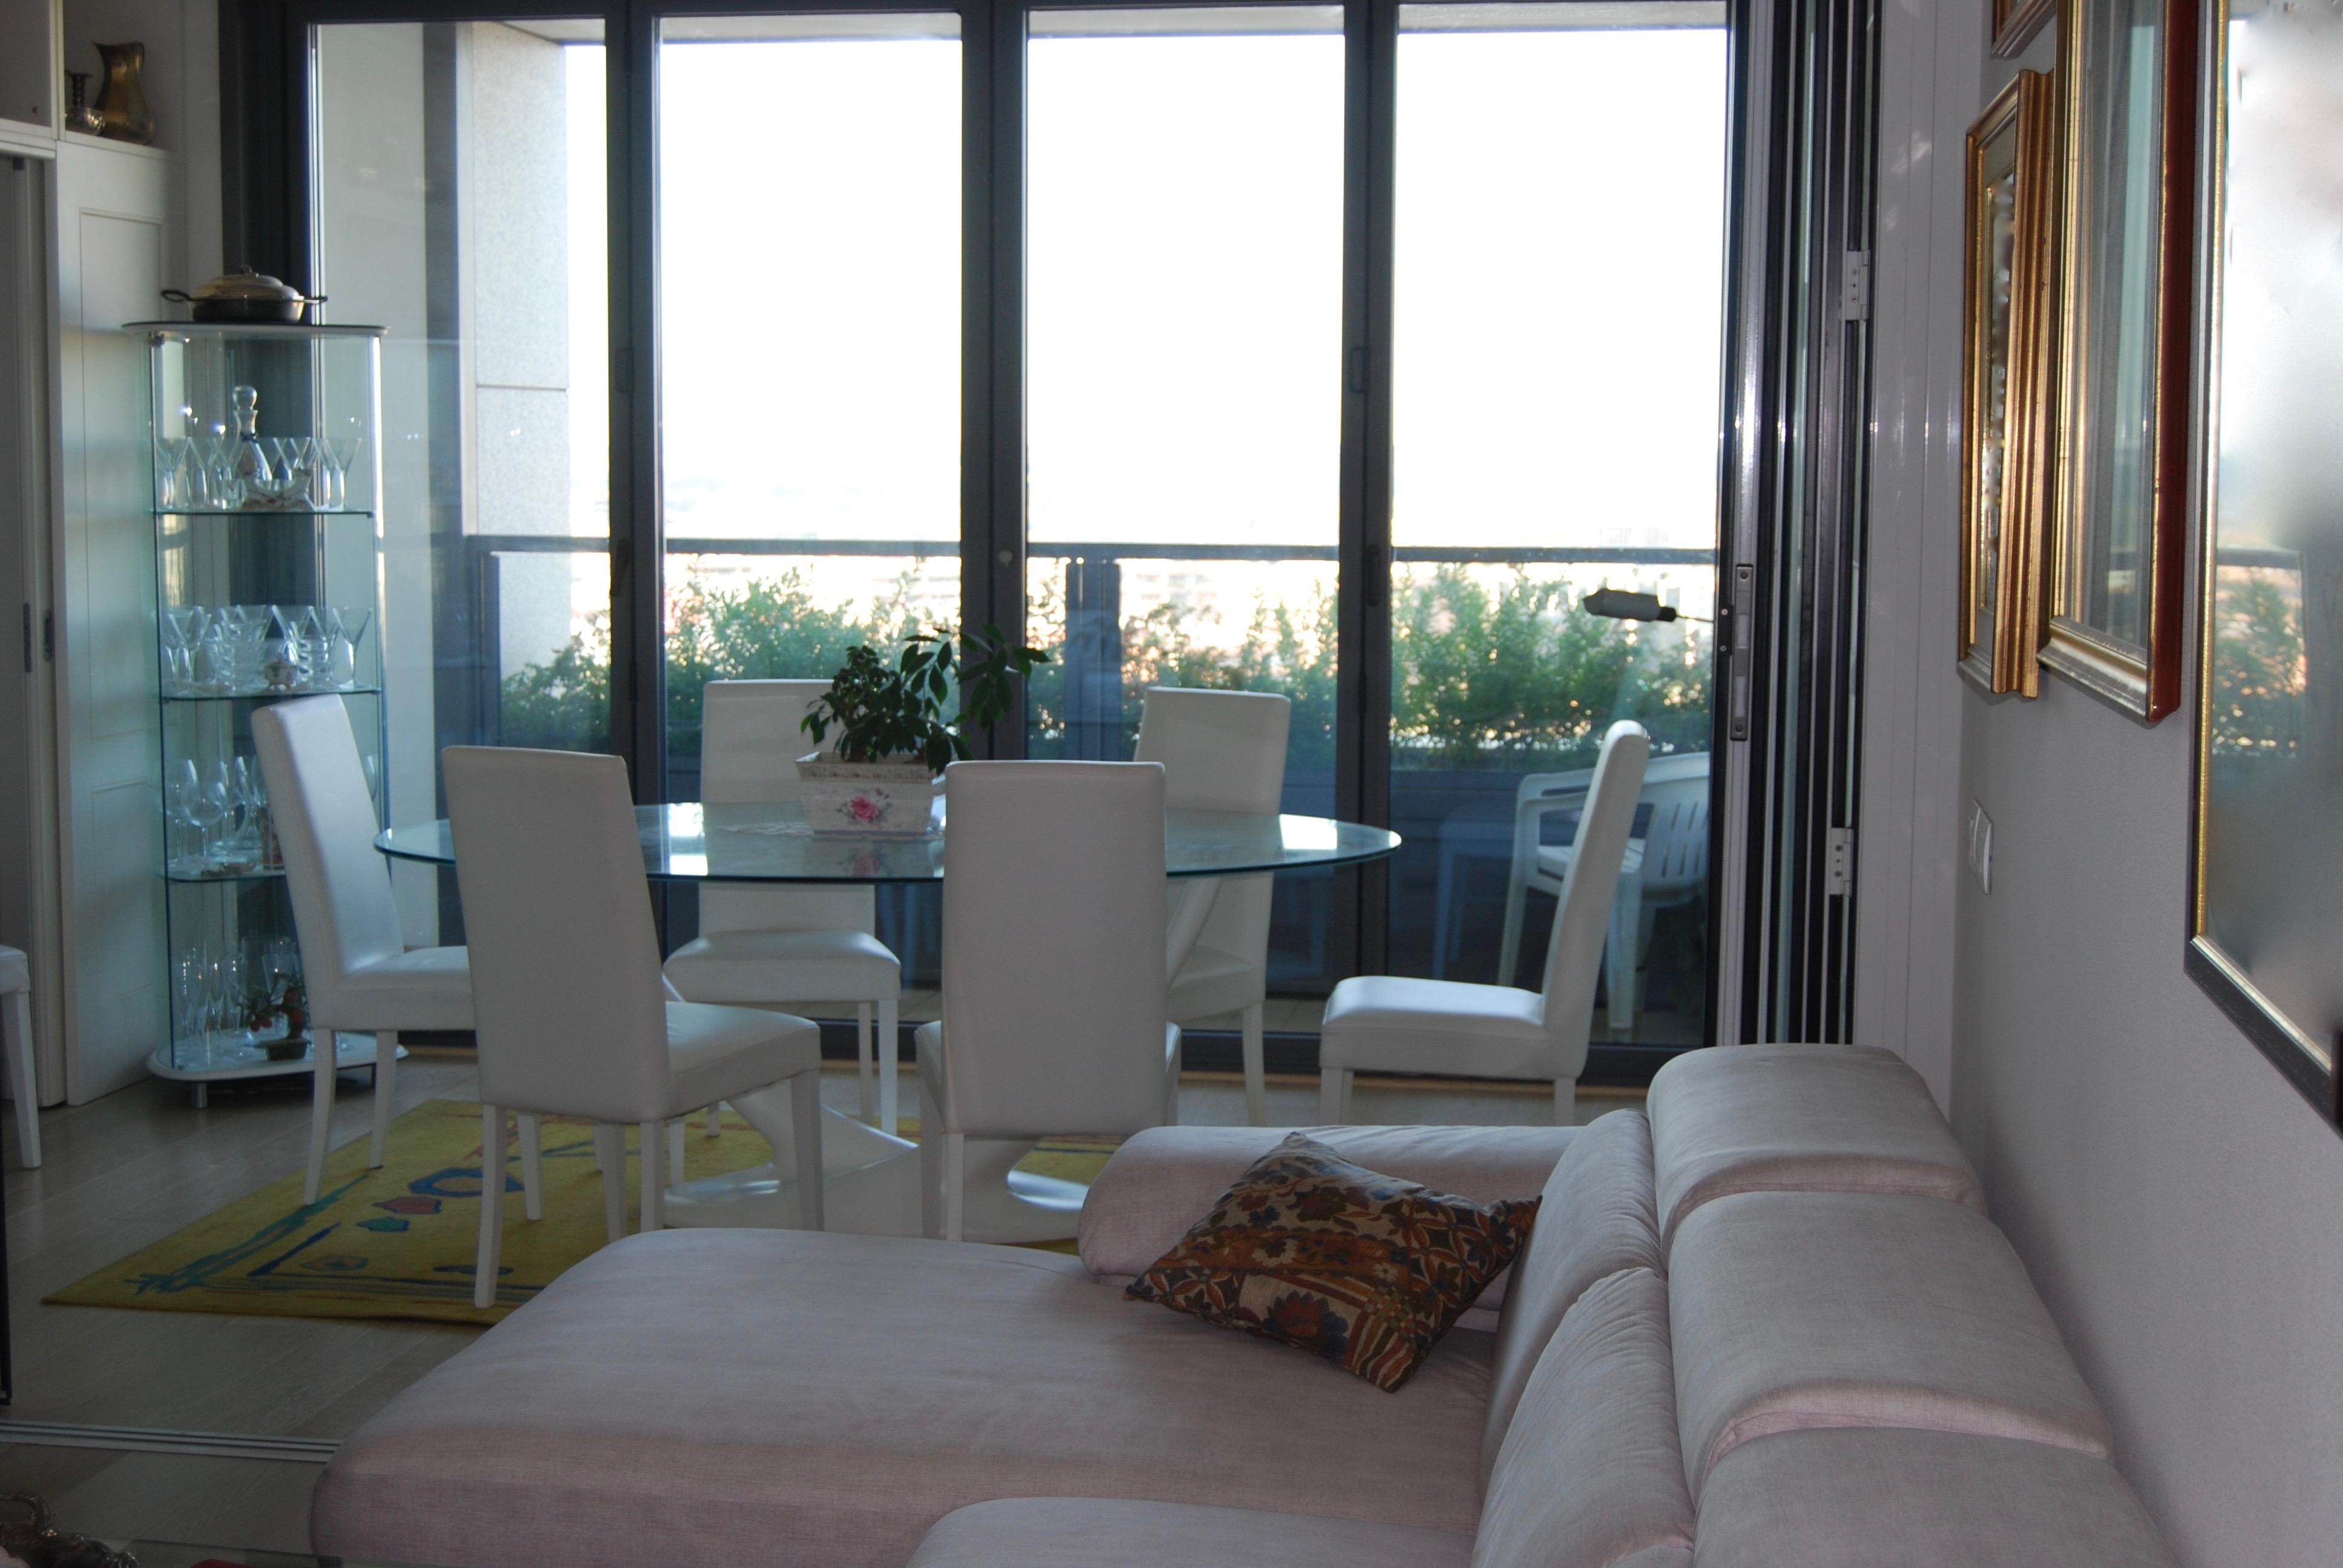 G b soluzioni immobiliari agenzia immobiliare a roma - Soluzioni immobiliari roma ...